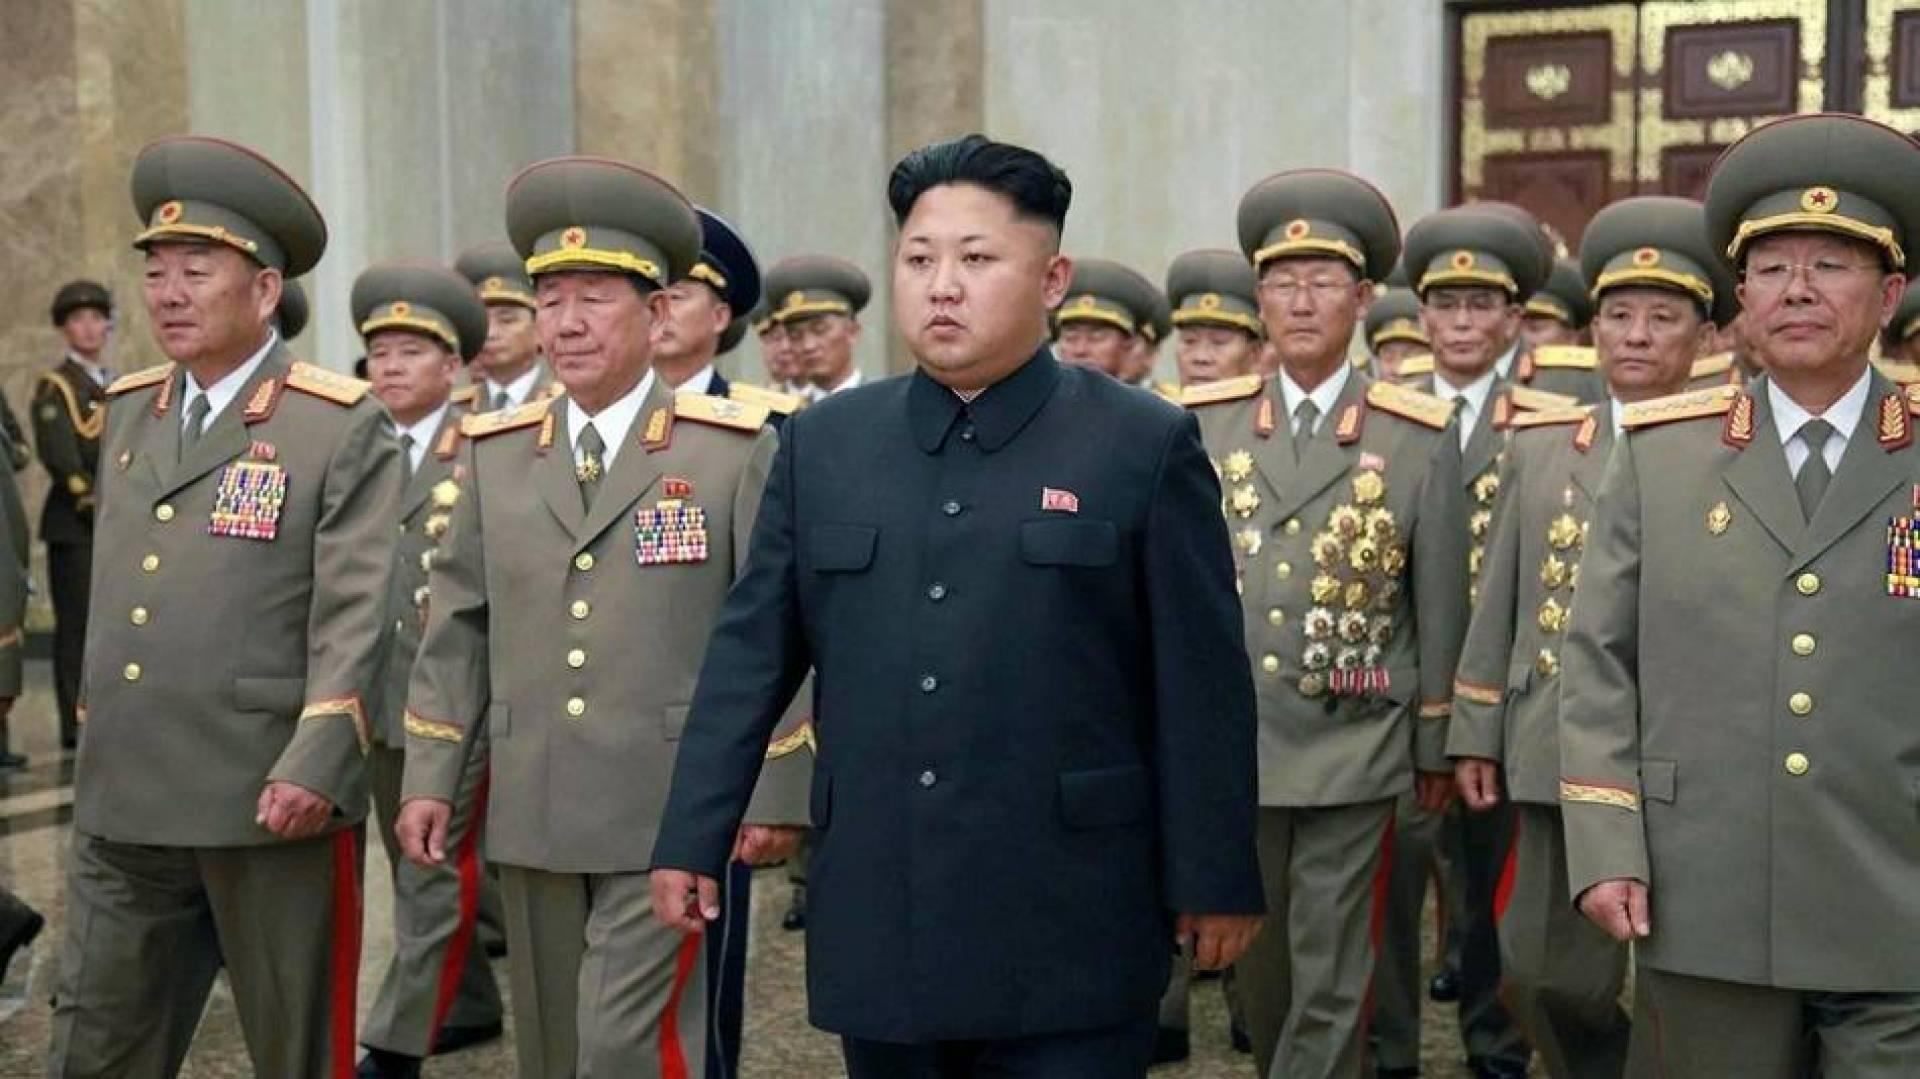 زعيم كوريا الشمالية يوقف خطط التحرك العسكري ضد كوريا الجنوبية